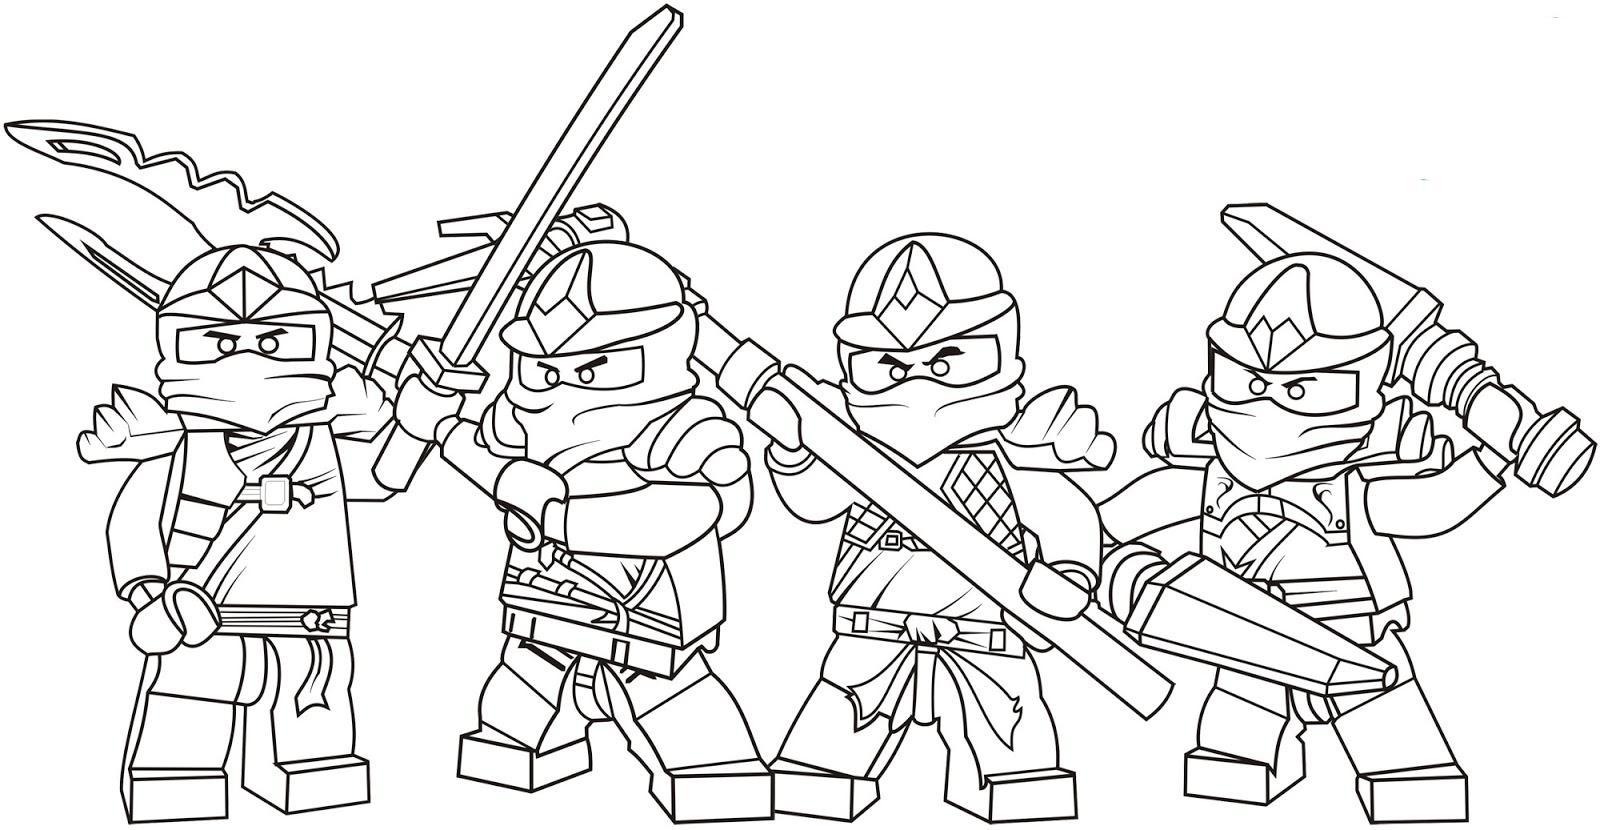 Лего ниндзя вся четверка Раскраски для мальчиков